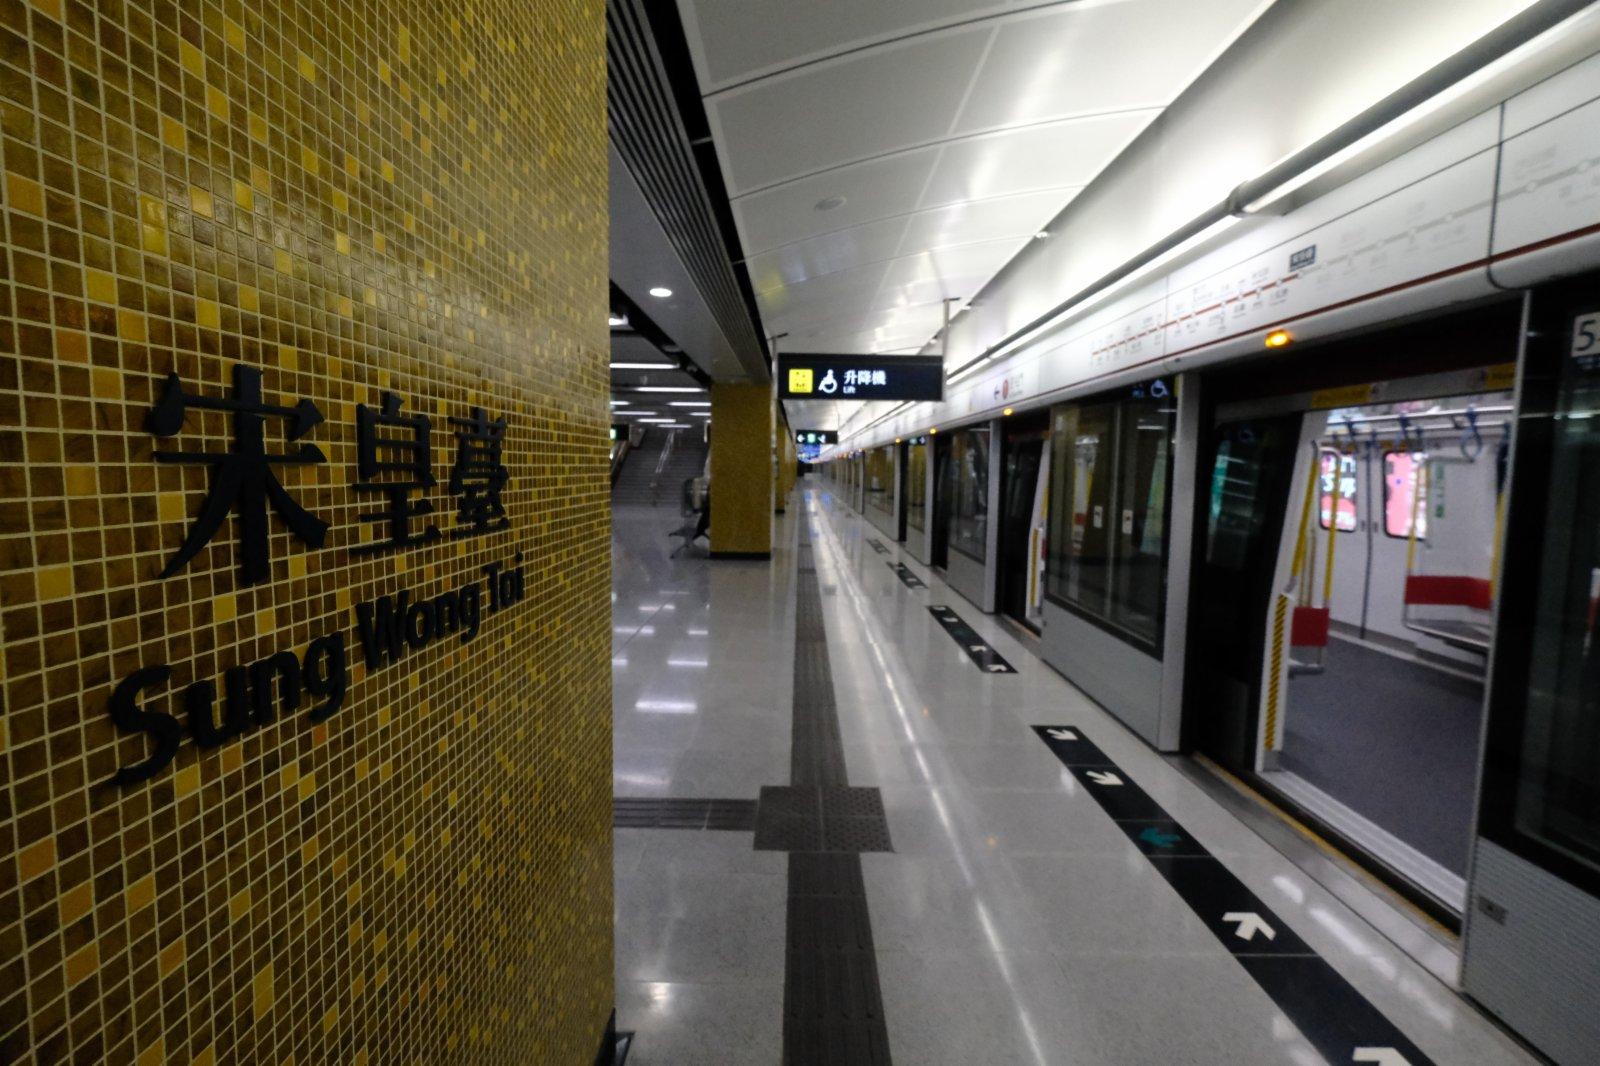 宋皇臺站在建造期間發現大量文物,車站設計會揉合考古元素。(香港文匯報陳大文攝)